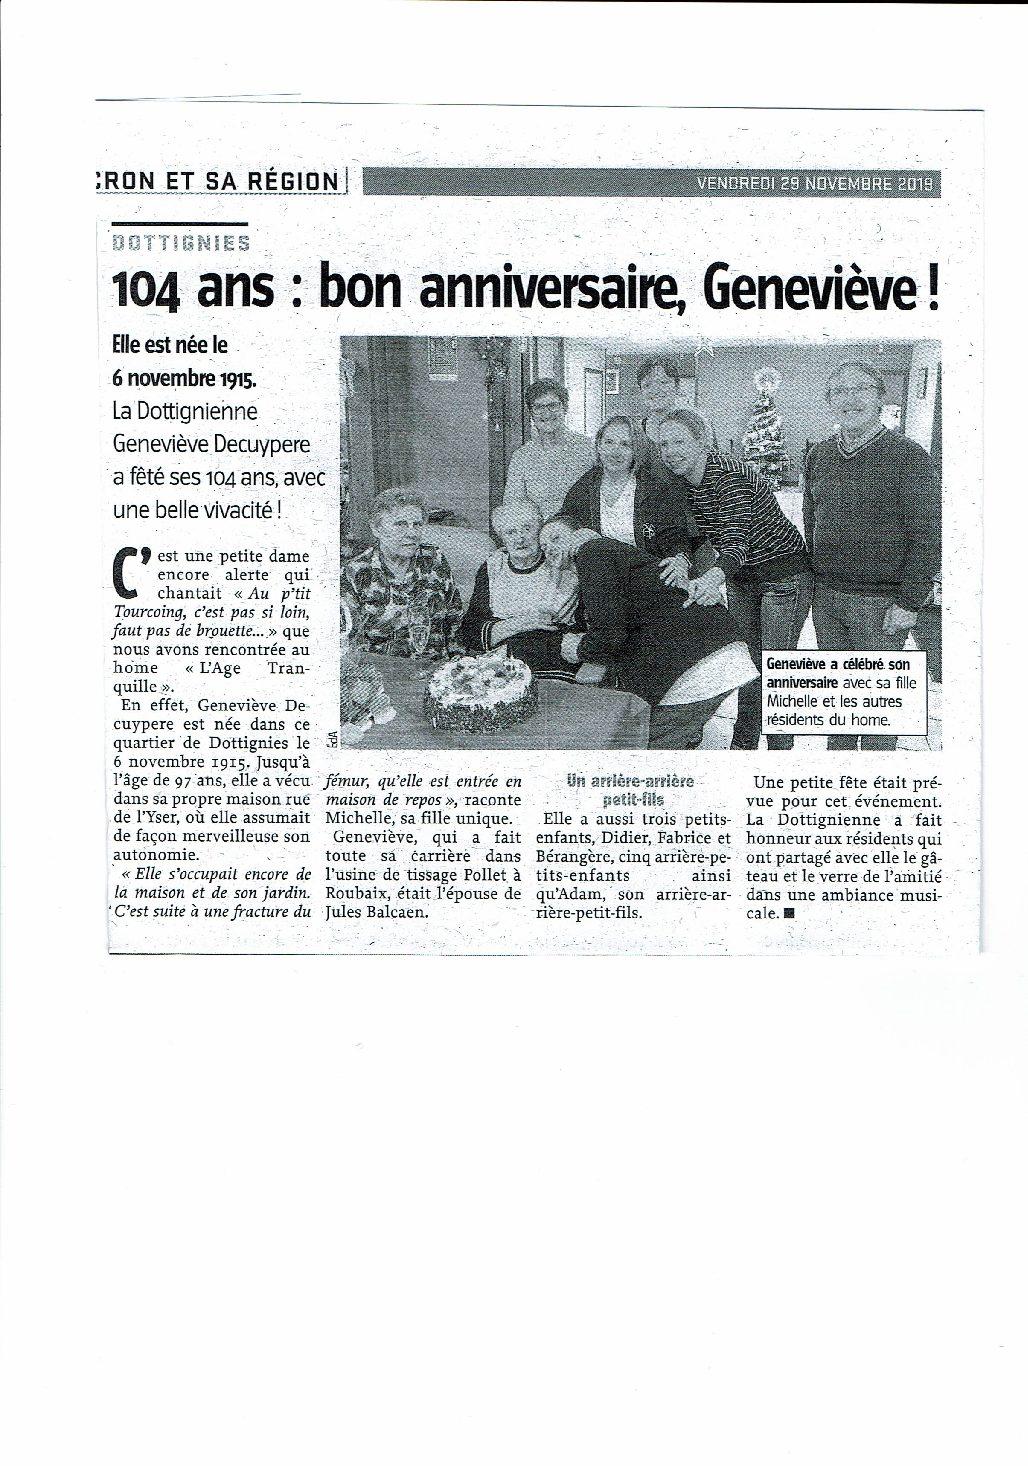 104 ans de Geneviève !